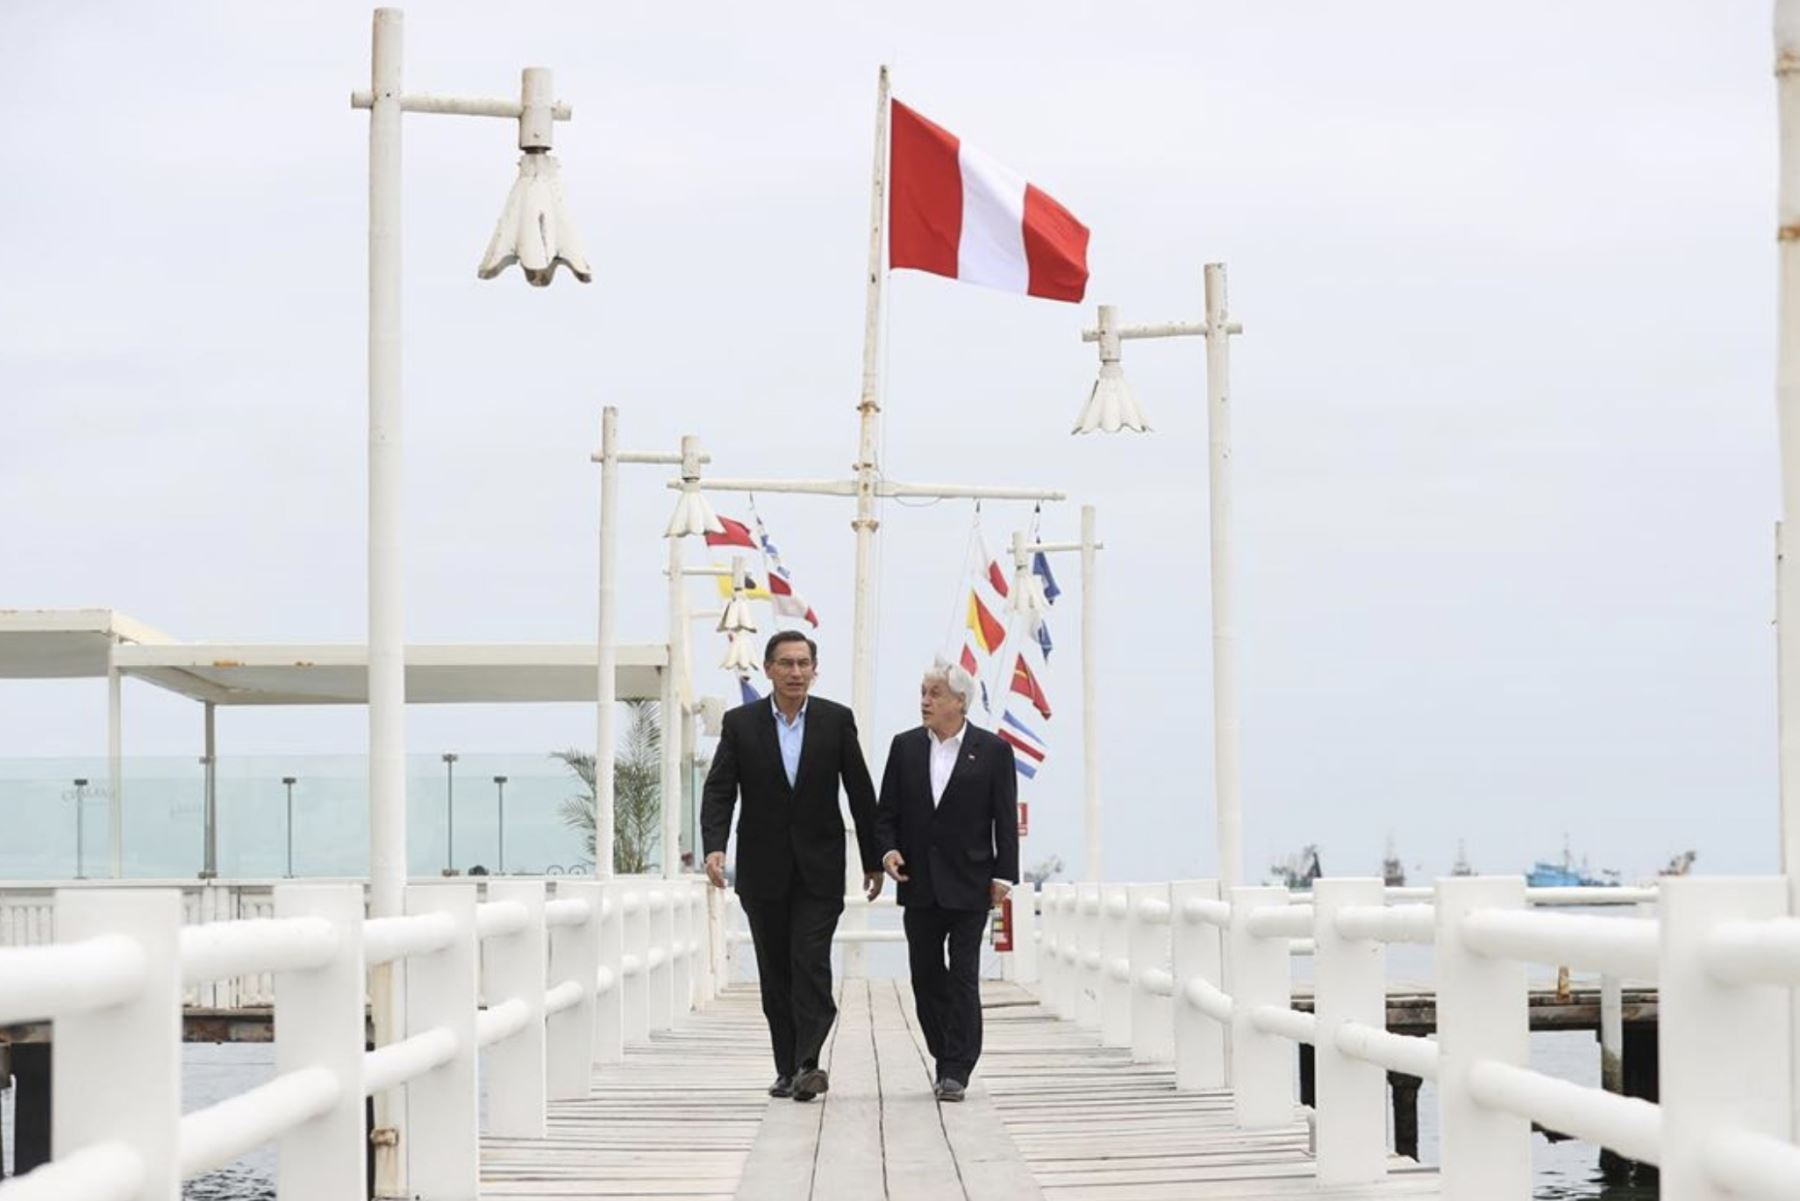 Los presidentes Martín Vizcarra Cornejo y Sebastián Piñera lideran el Encuentro Presidencial y III Gabinete Binacional Perú-Chile, en la localidad de Paracas. Foto:ANDINA/Prensa Presidencia.